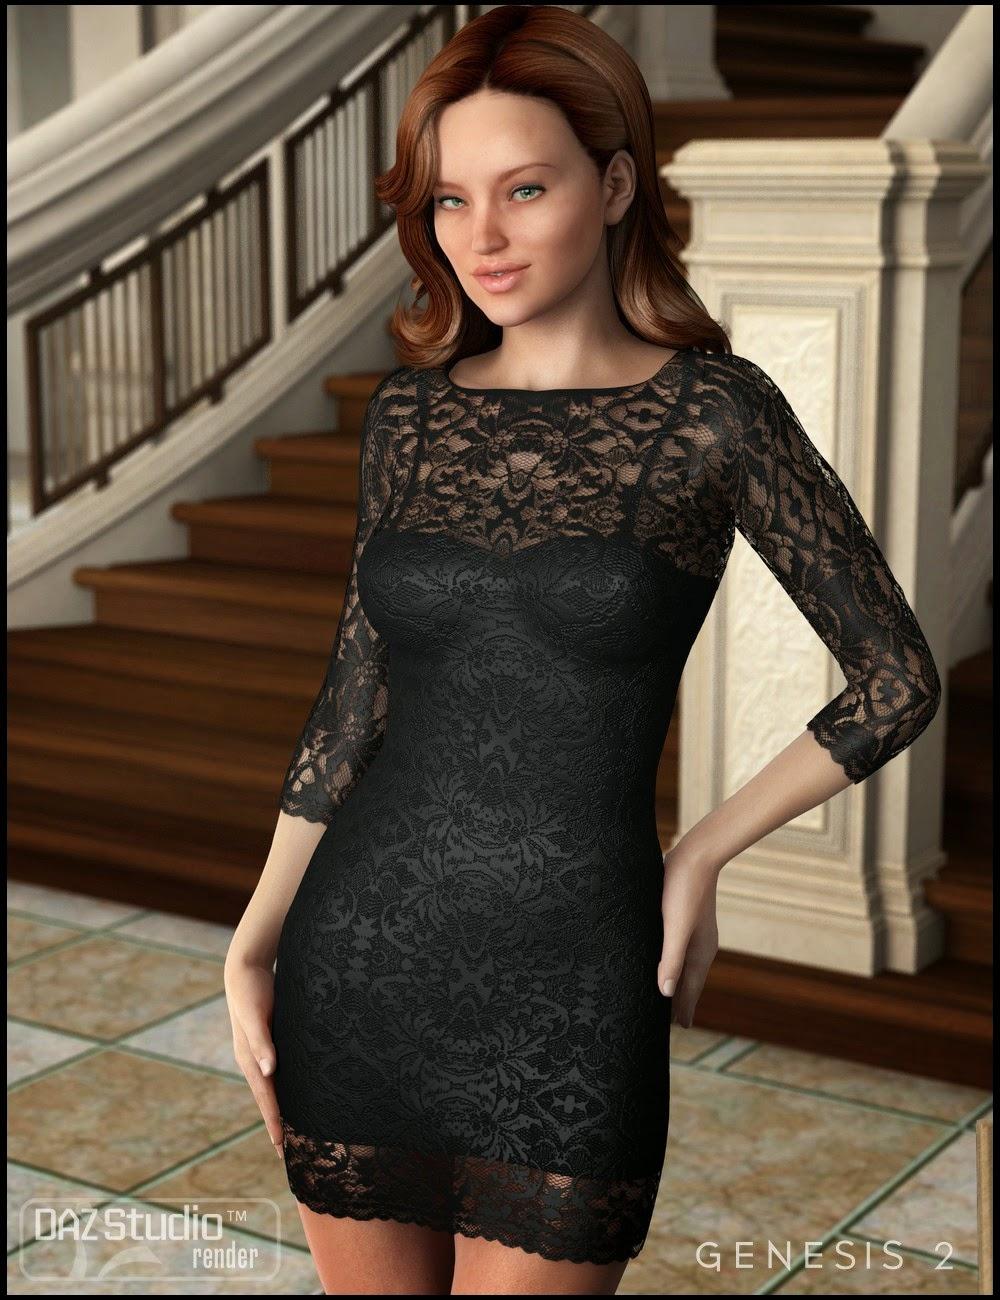 magixfox art de mod lisation 3d robe classique chic pour genesis 2 femme daz 3d. Black Bedroom Furniture Sets. Home Design Ideas